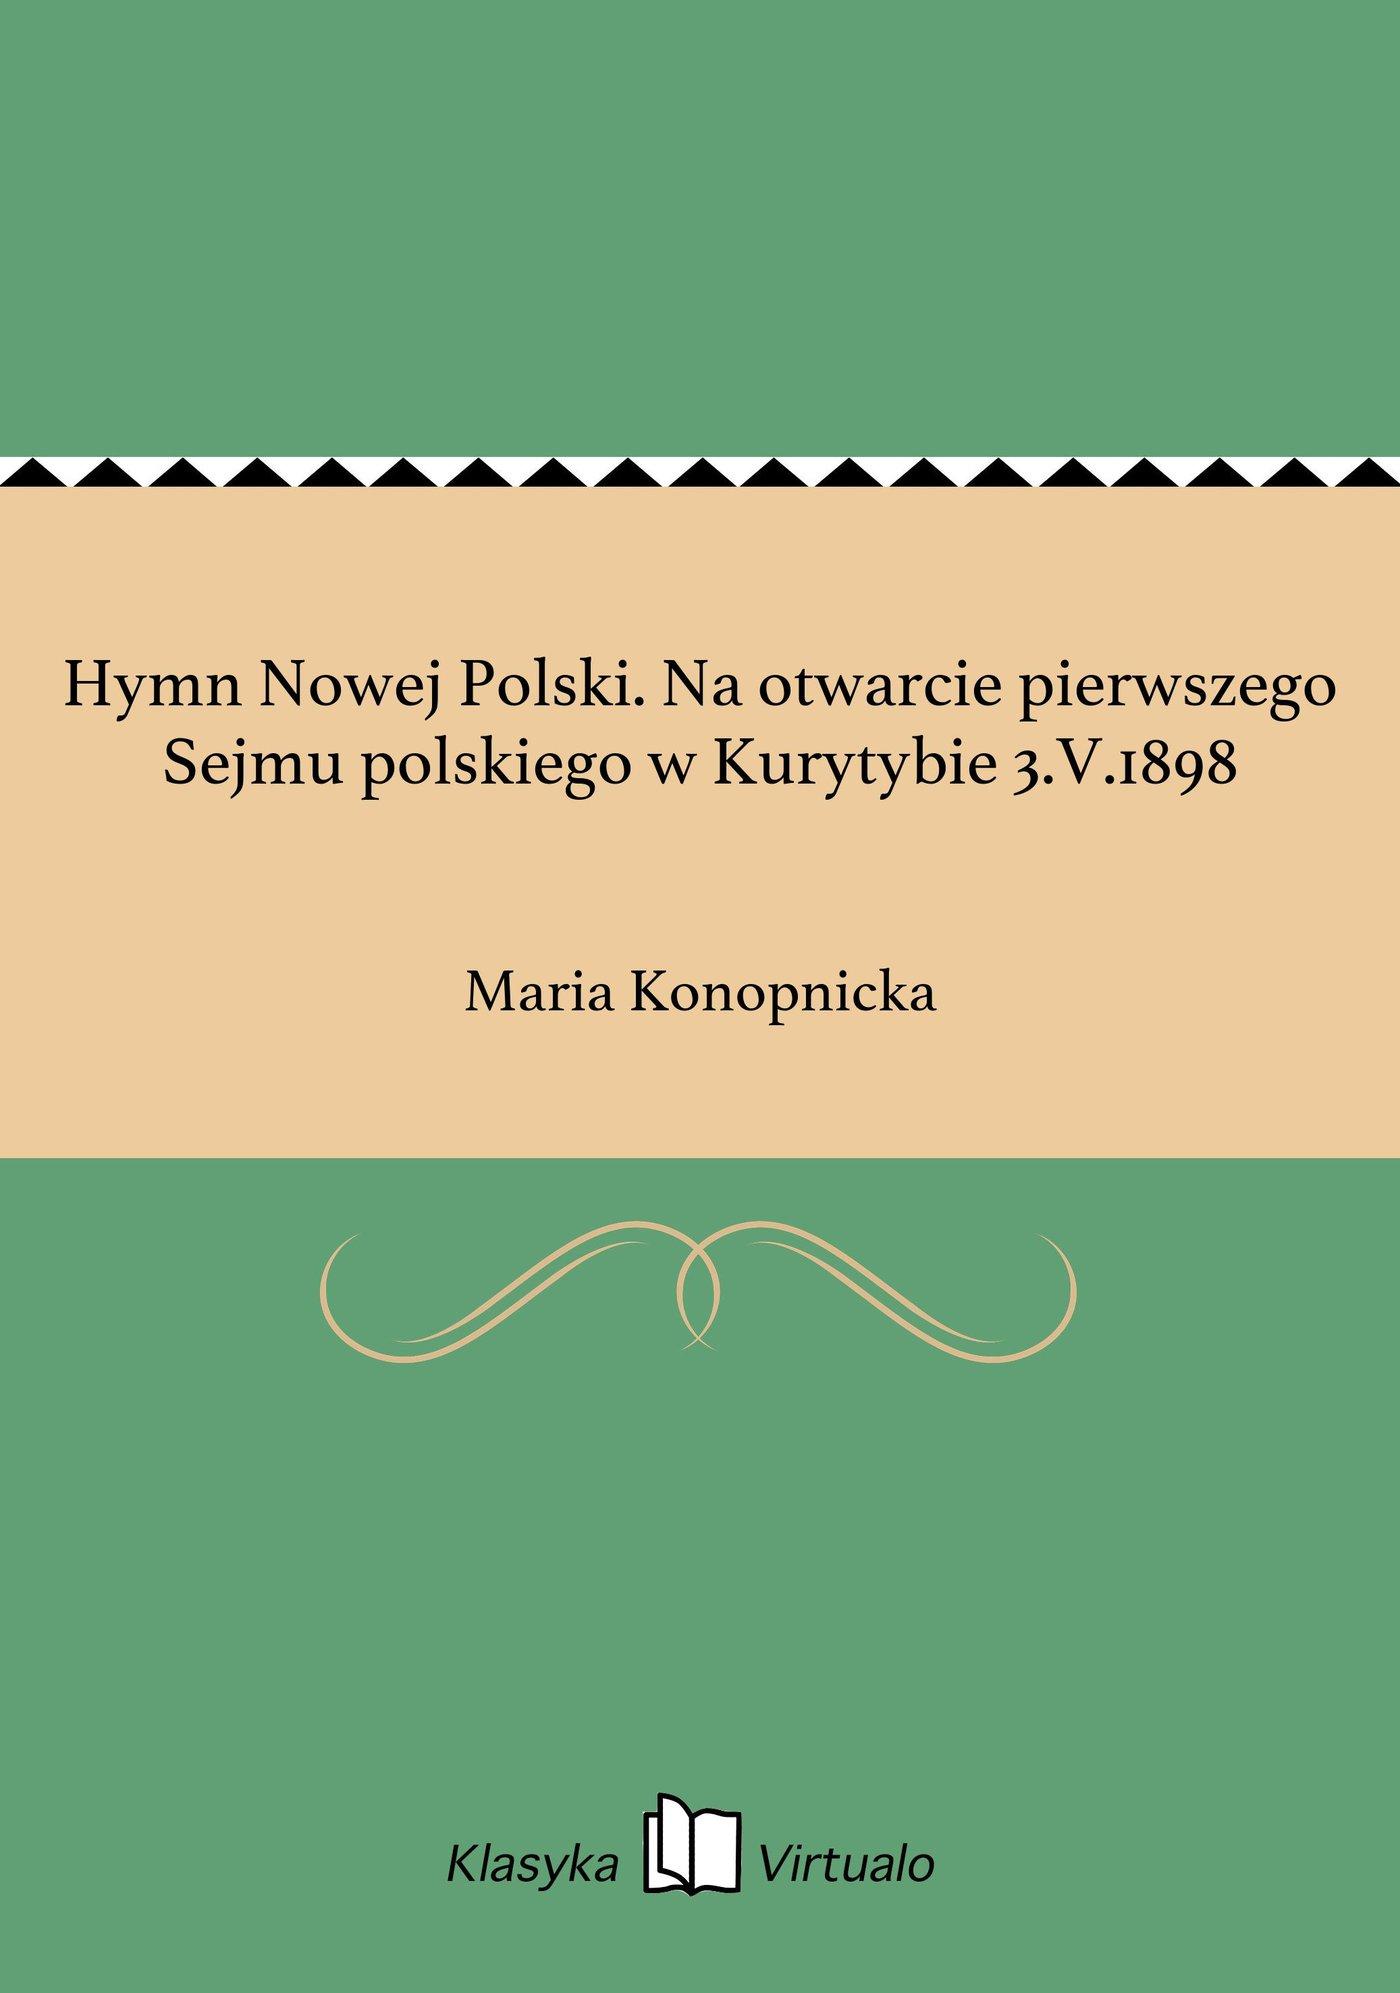 Hymn Nowej Polski. Na otwarcie pierwszego Sejmu polskiego w Kurytybie 3.V.1898 - Ebook (Książka EPUB) do pobrania w formacie EPUB